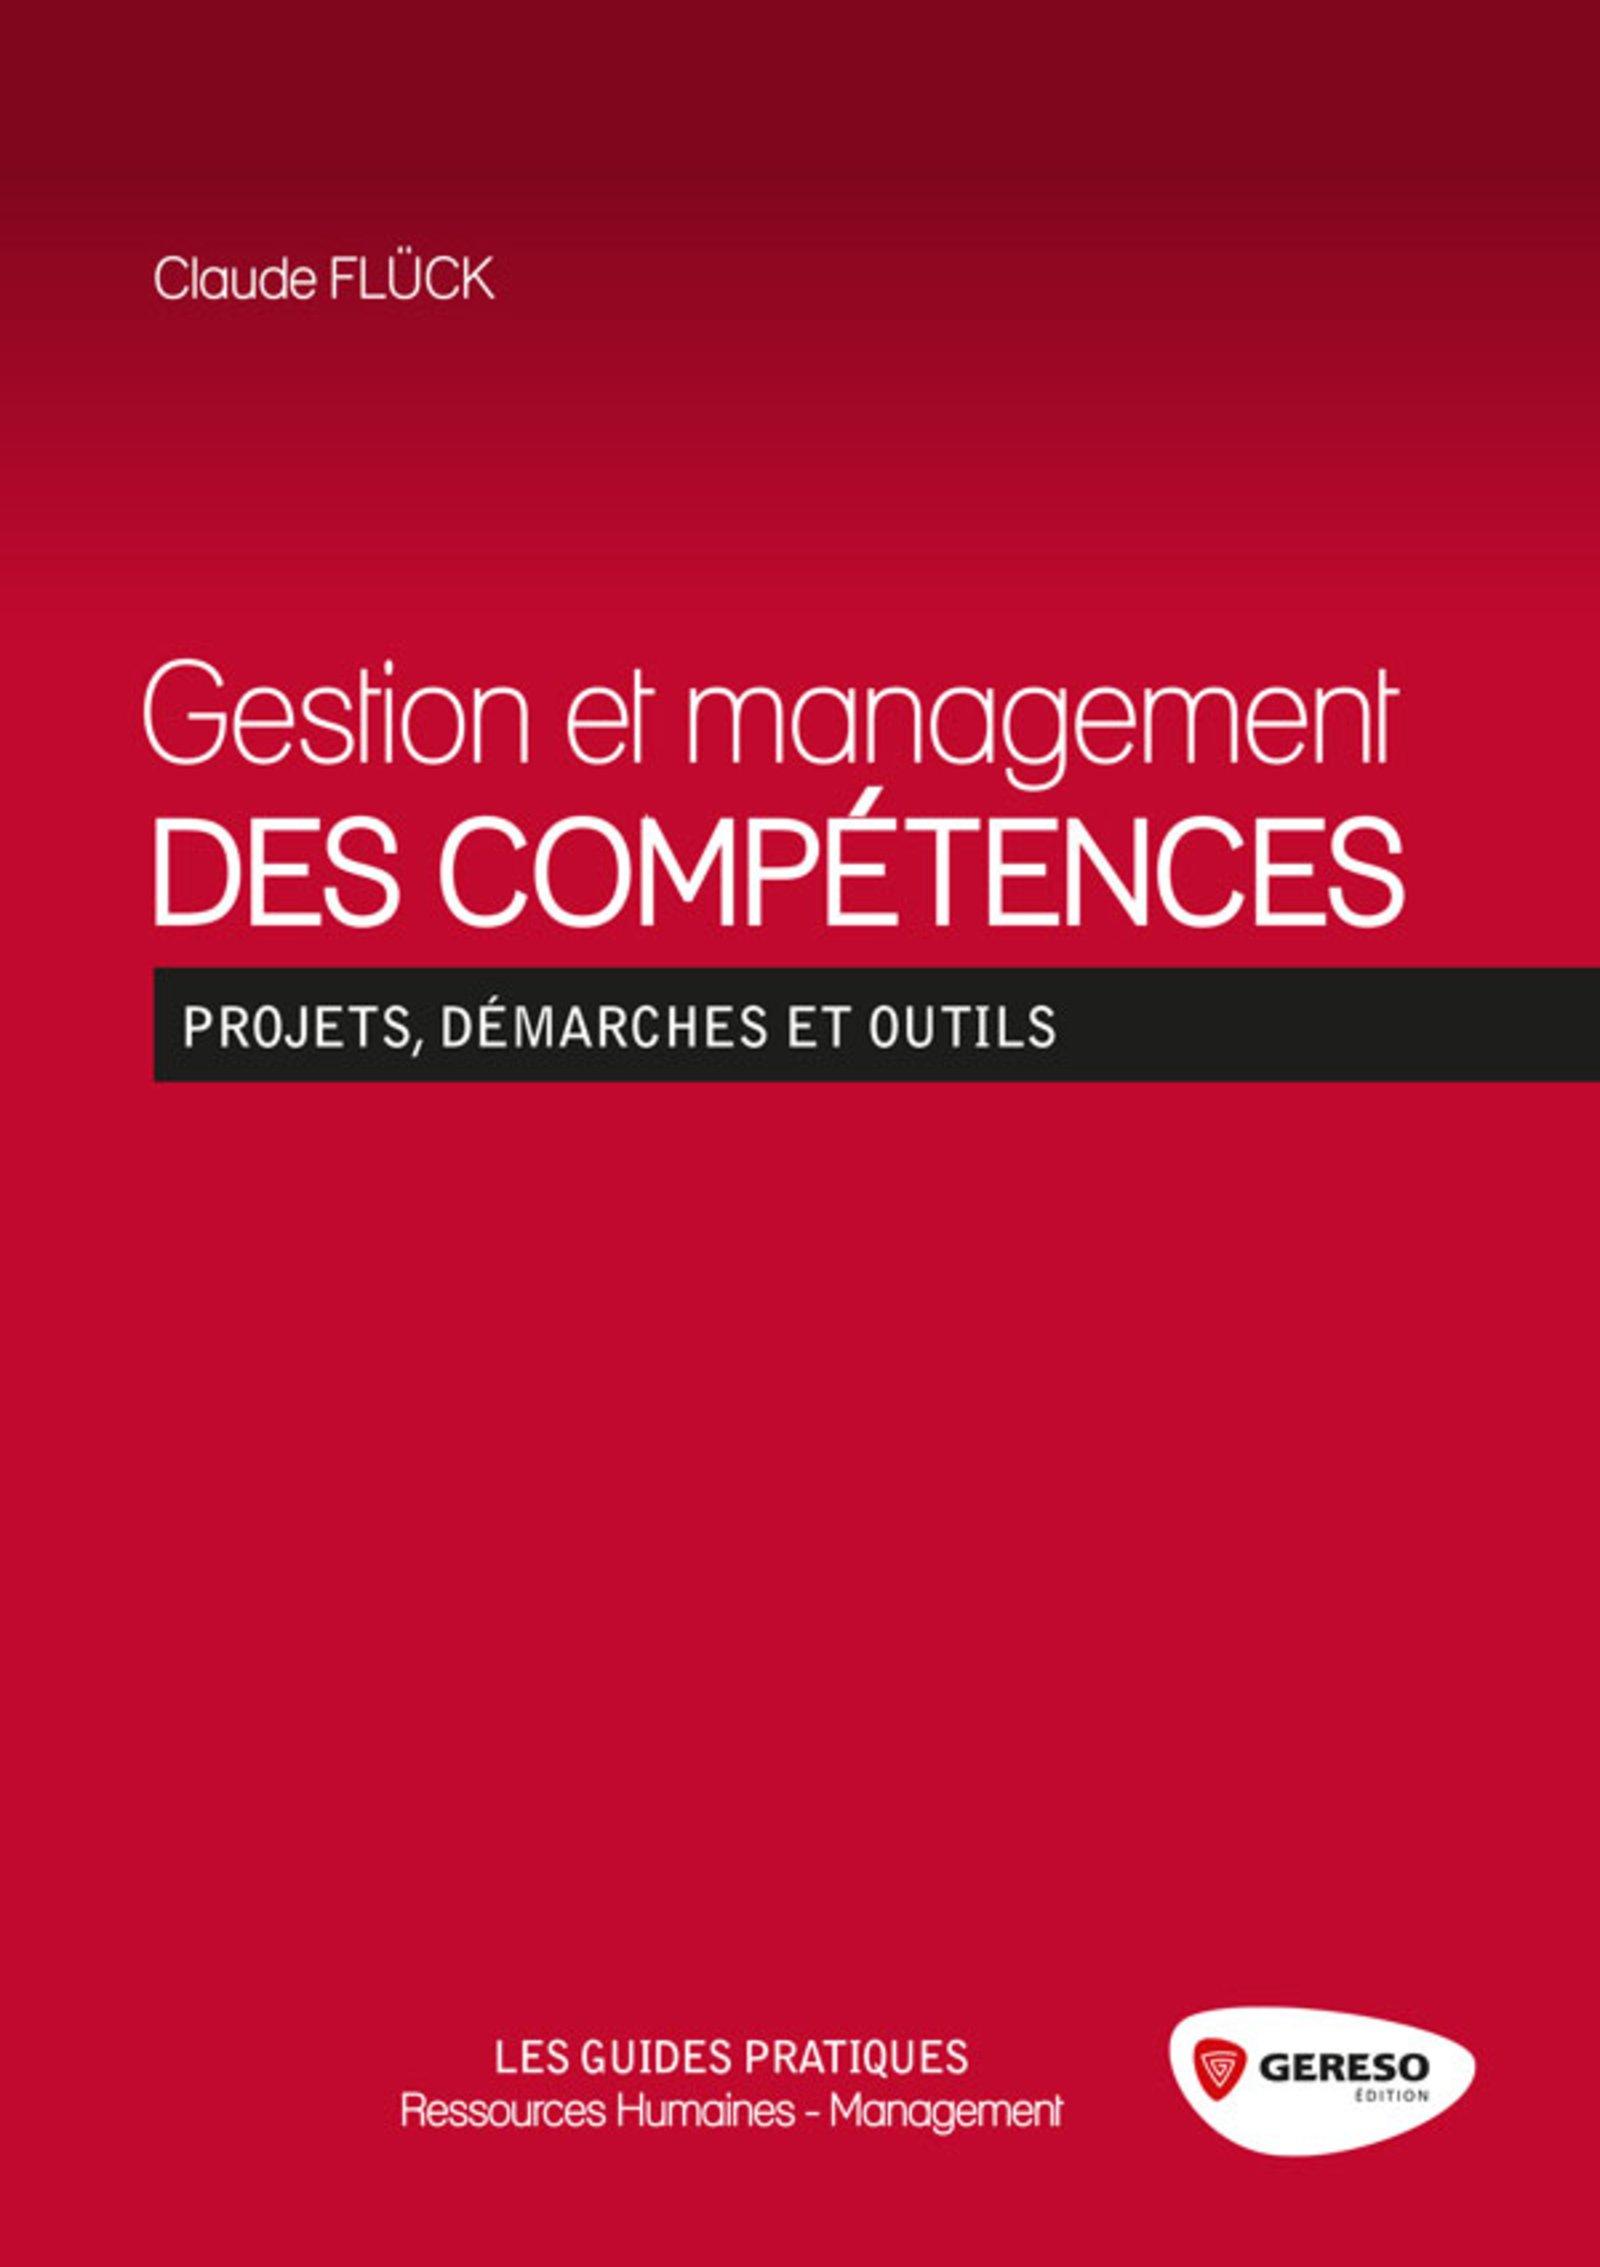 Gestion et management des compétences : Projets, démarches et outils